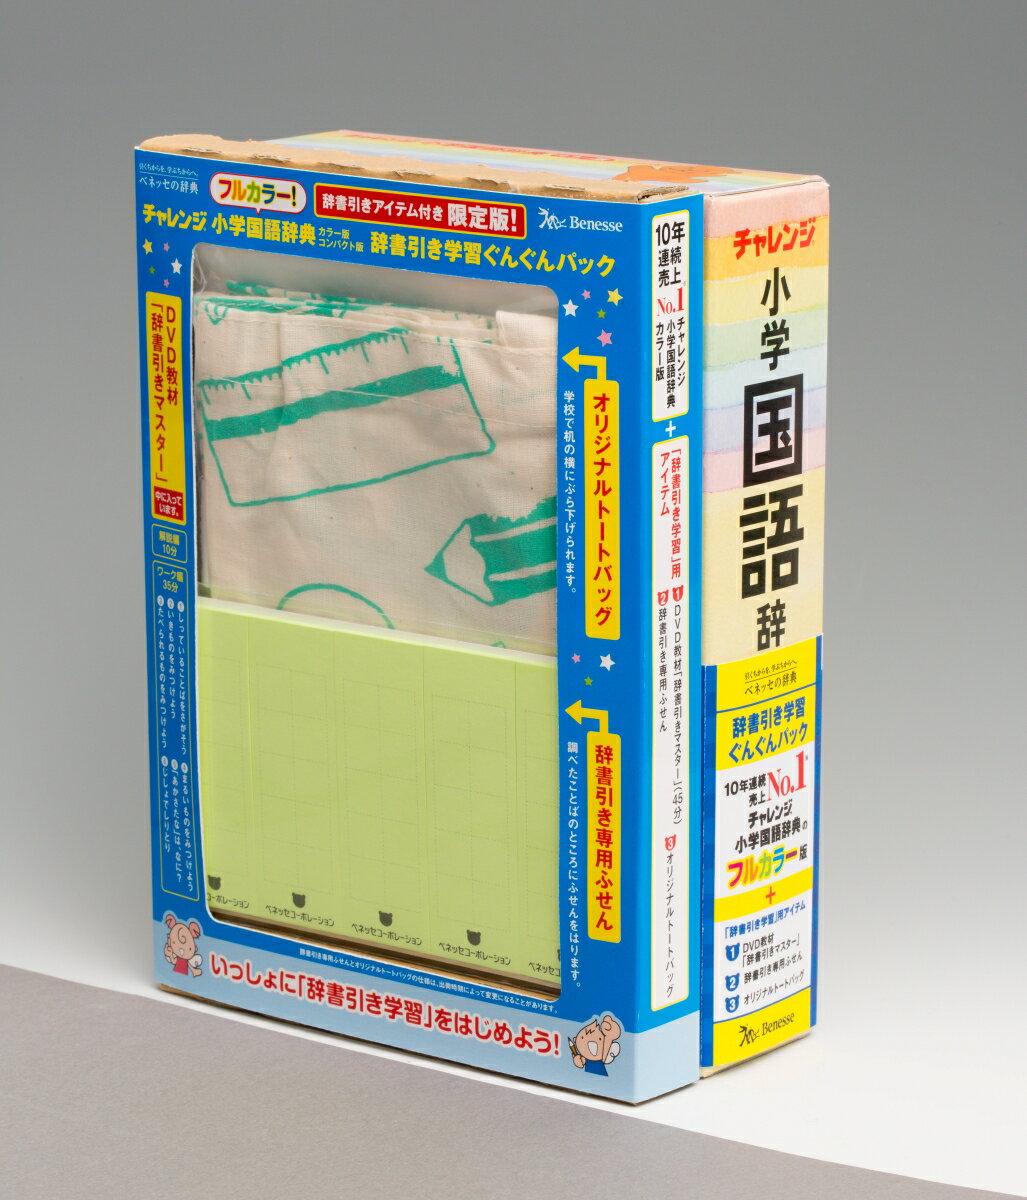 チャレンジ小学国語辞典 カラー版 コンパクト版 ぐんぐんパック [ 湊吉正 ]